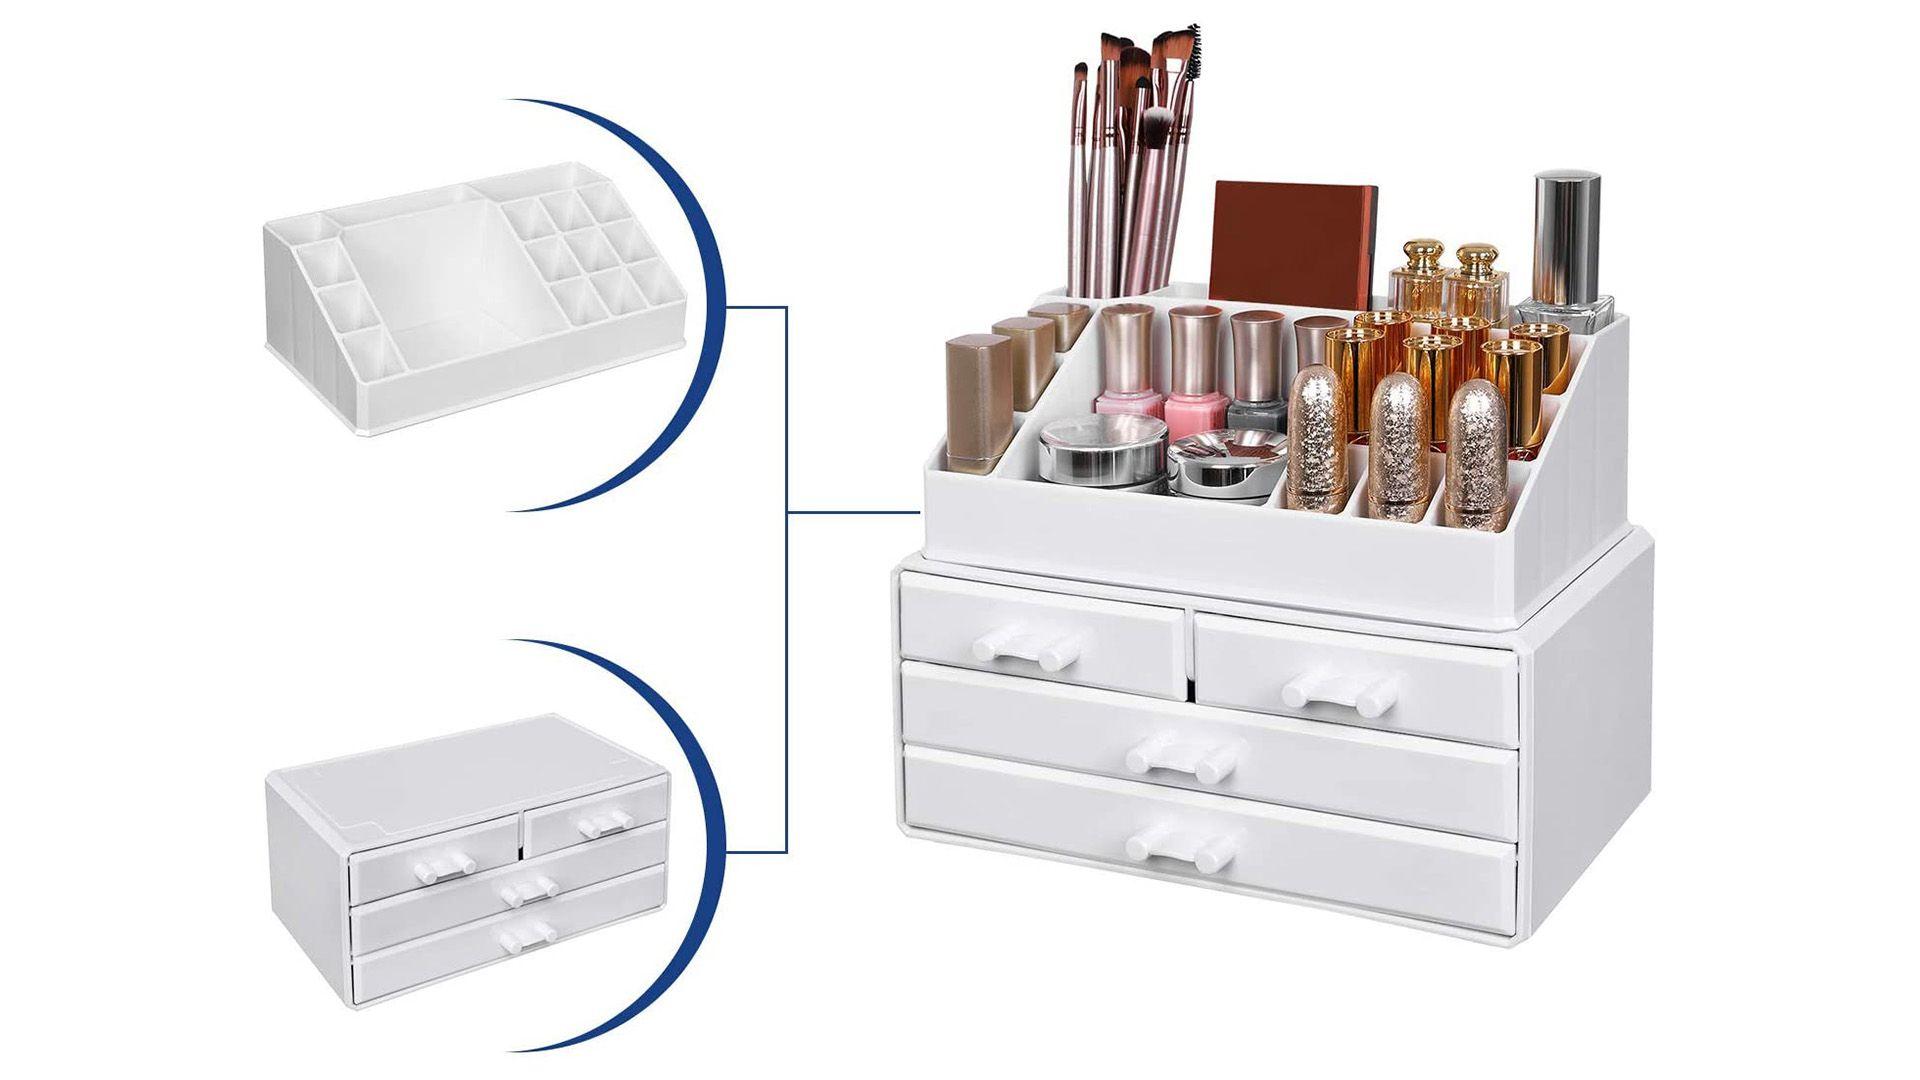 Mejor organizador de maquillaje